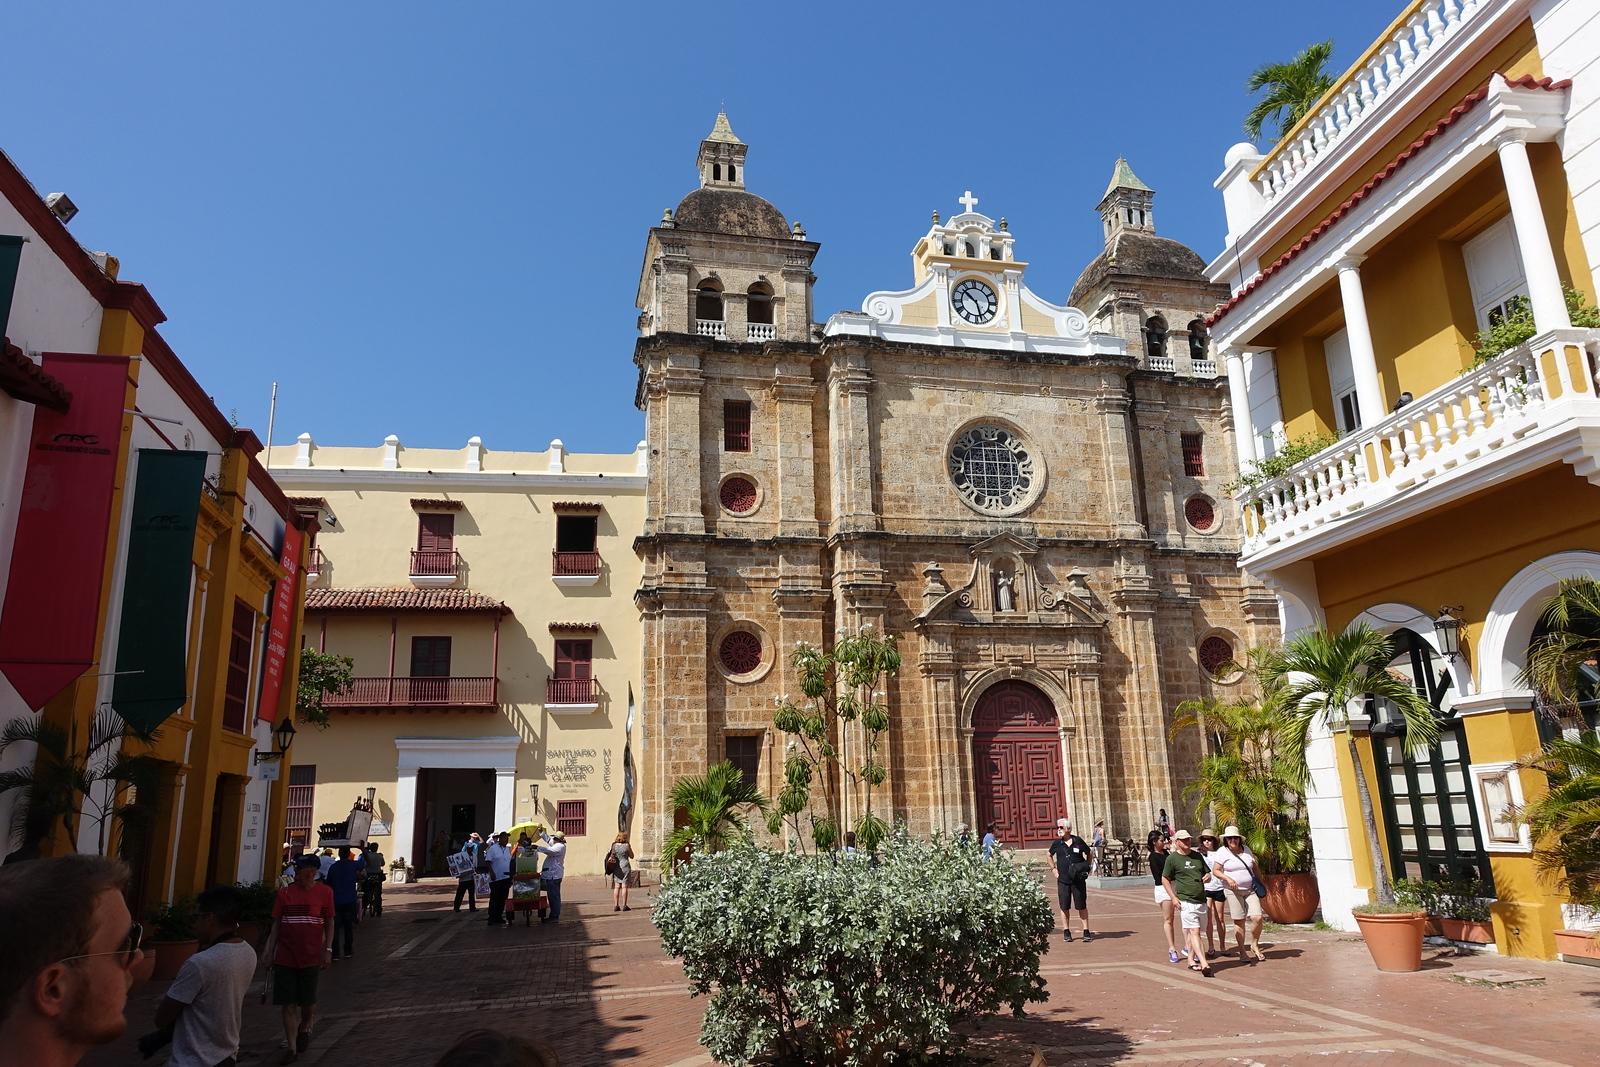 Iglesia de San Pedro Claver – Cartagena, Colombia